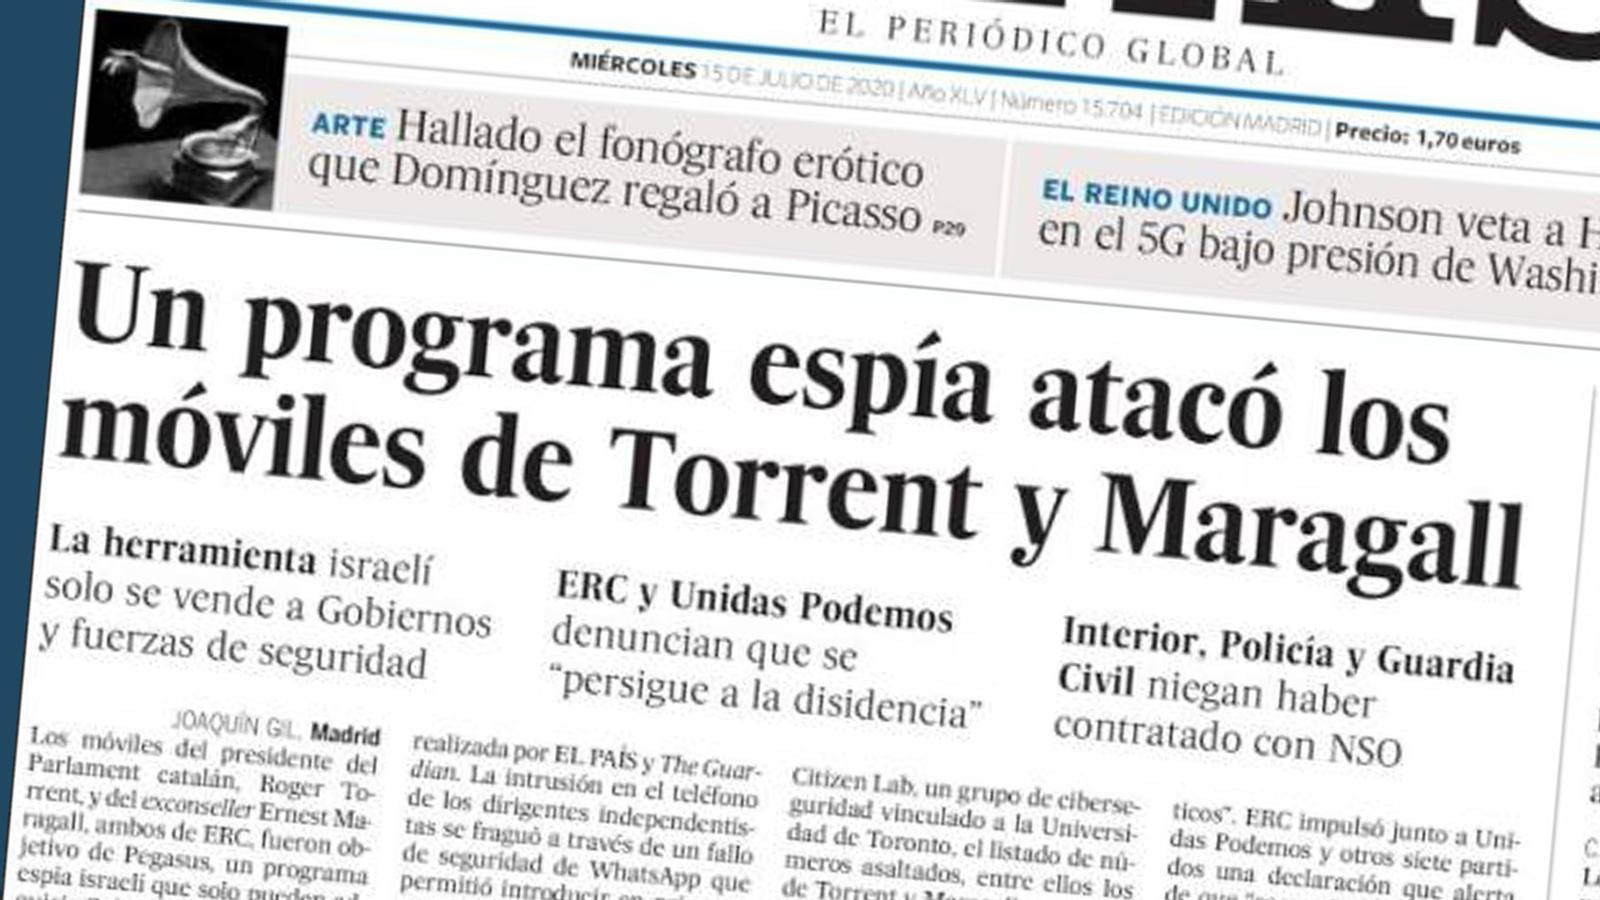 L'anàlisi d'Antoni Bassas: 'Espionatge polític: la resposta inadmissible del govern espanyol'